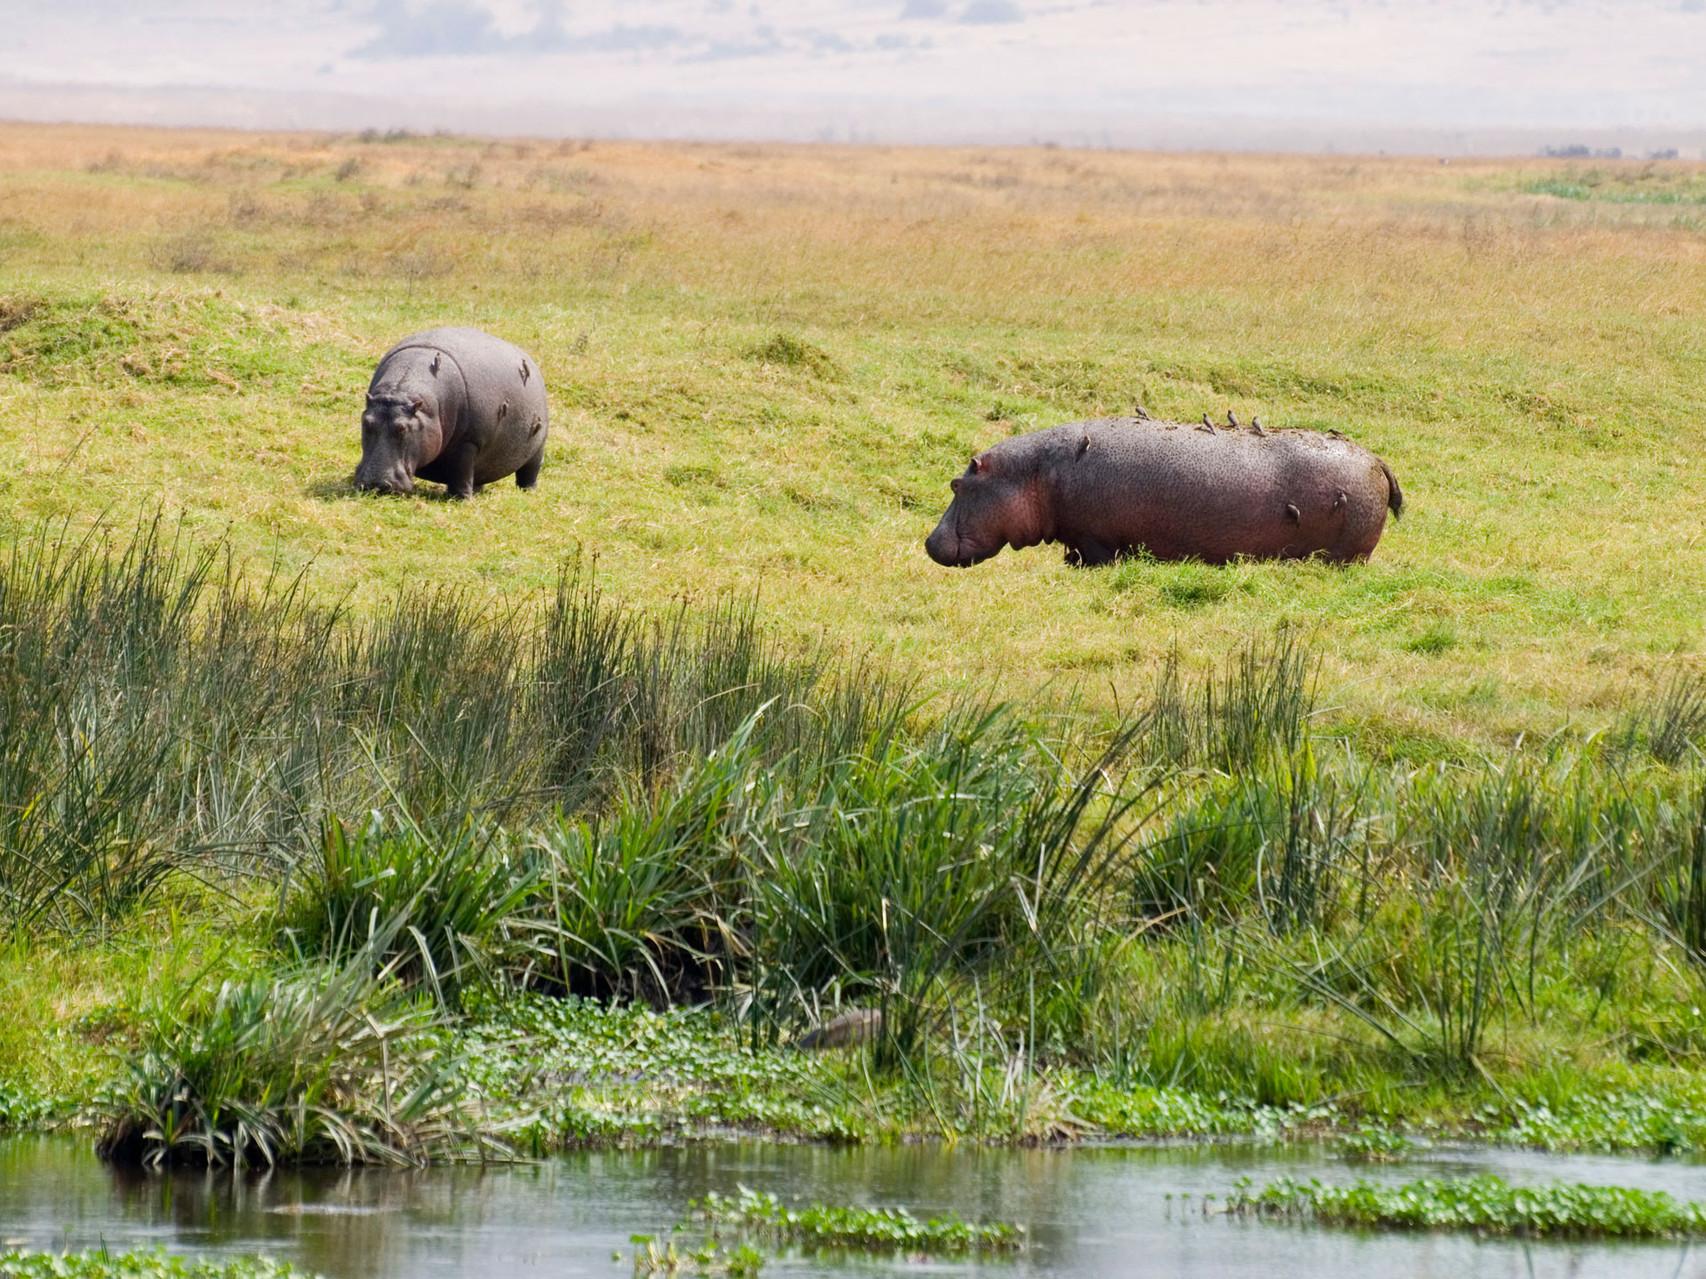 Hippos [Ngorongor, Tanzania, 2012]